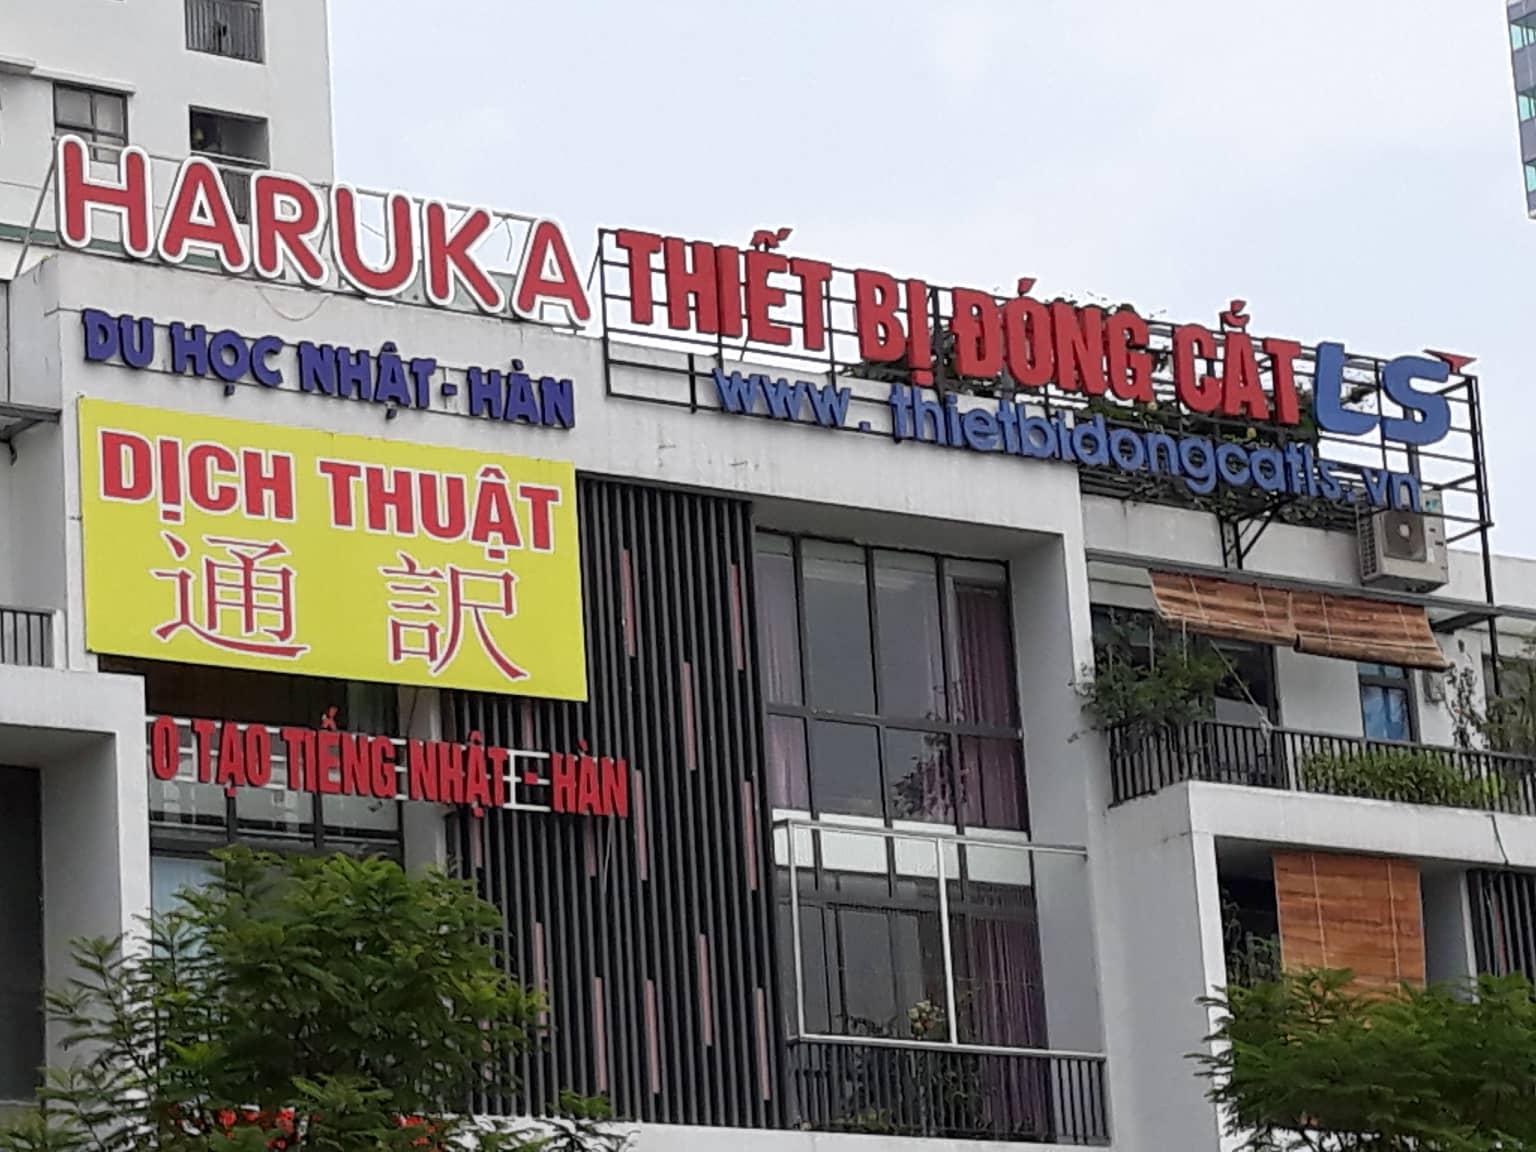 3 Làm biển quảng cáo Chữ Nổi Gía Rẻ tại Hà Nội